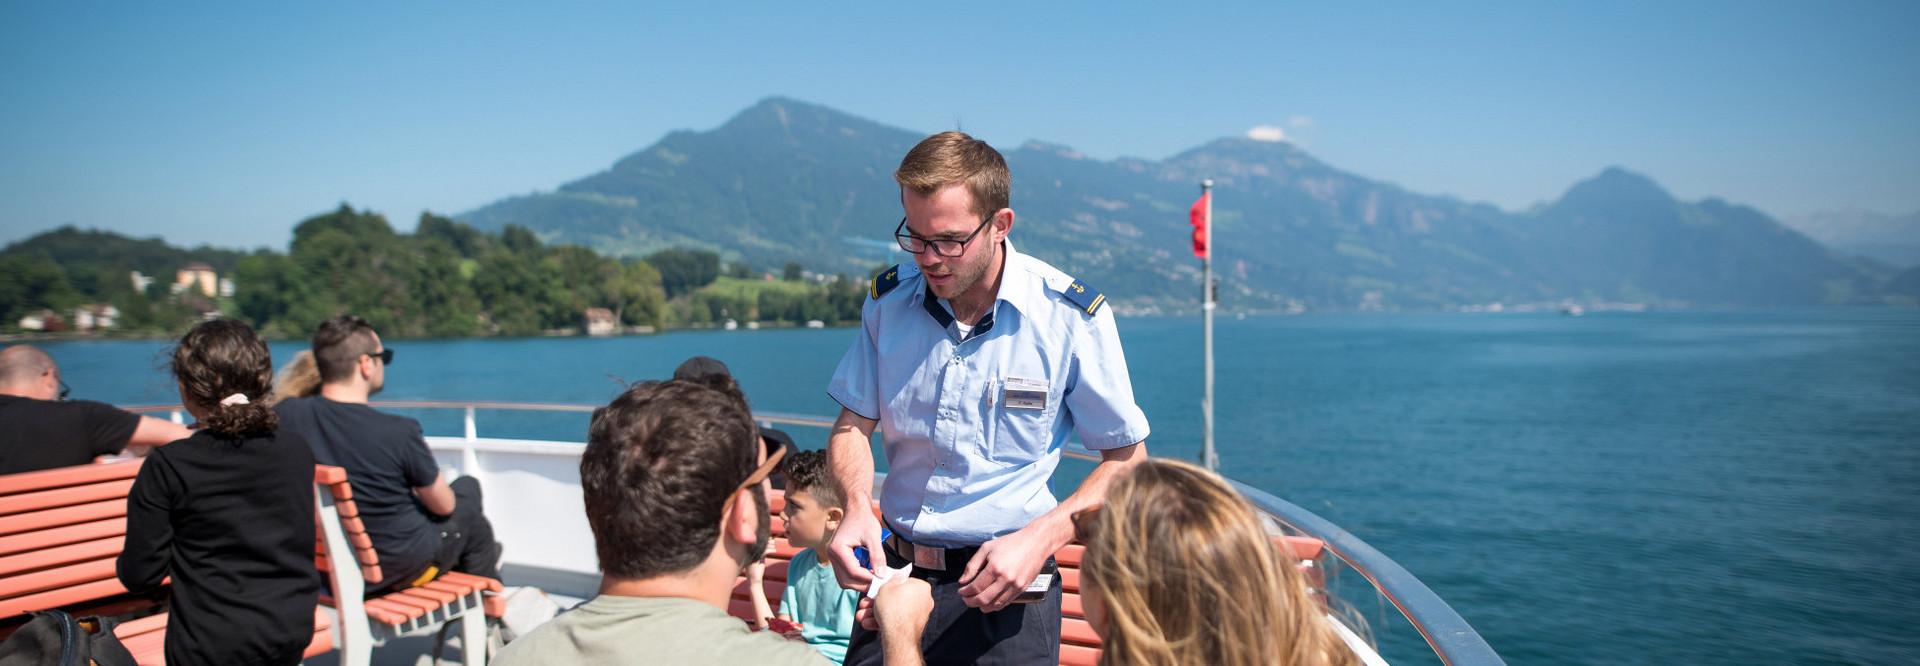 Un marin vérifie les billets de deux passagers assis à l'extérieur.